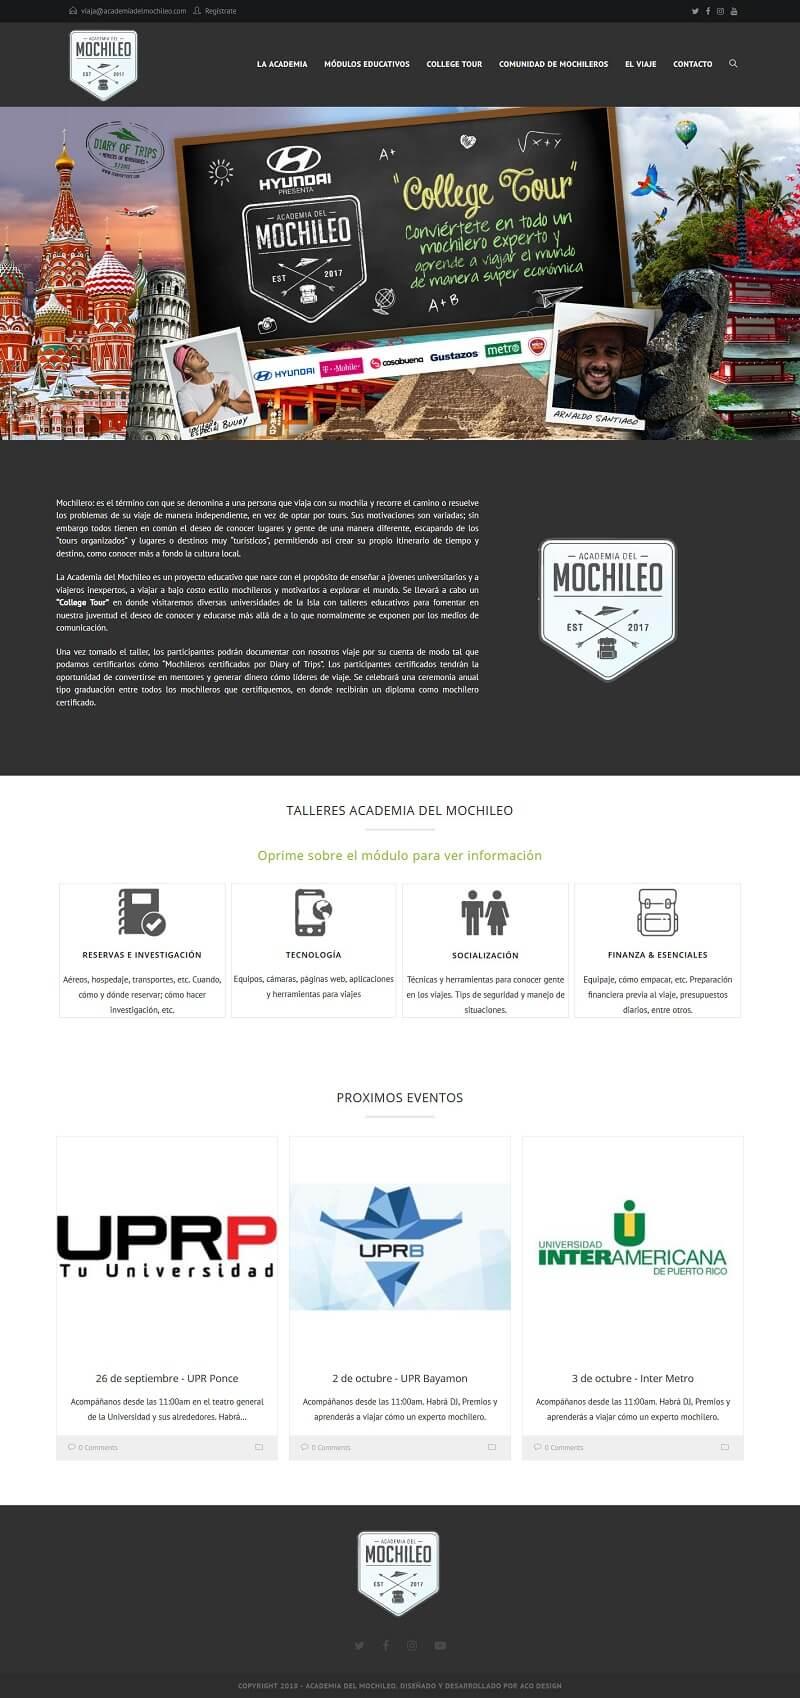 www.academiadelmochileo.com